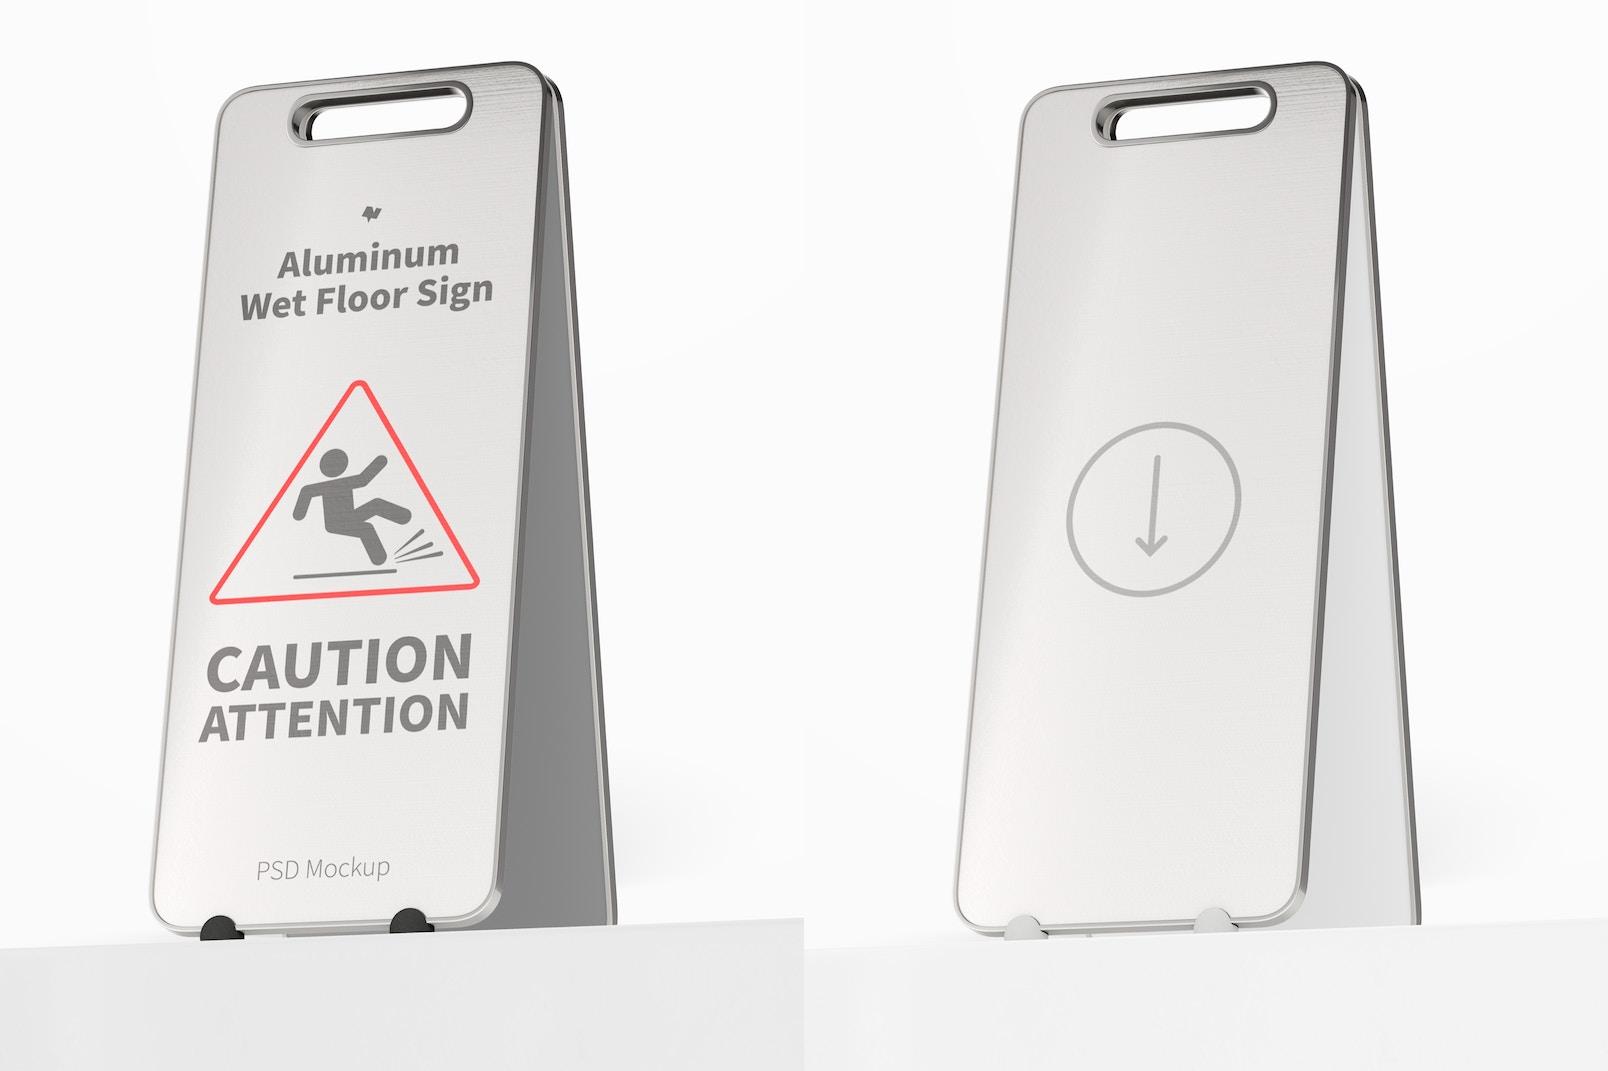 Aluminum Wet Floor Sign Mockup, Perspective